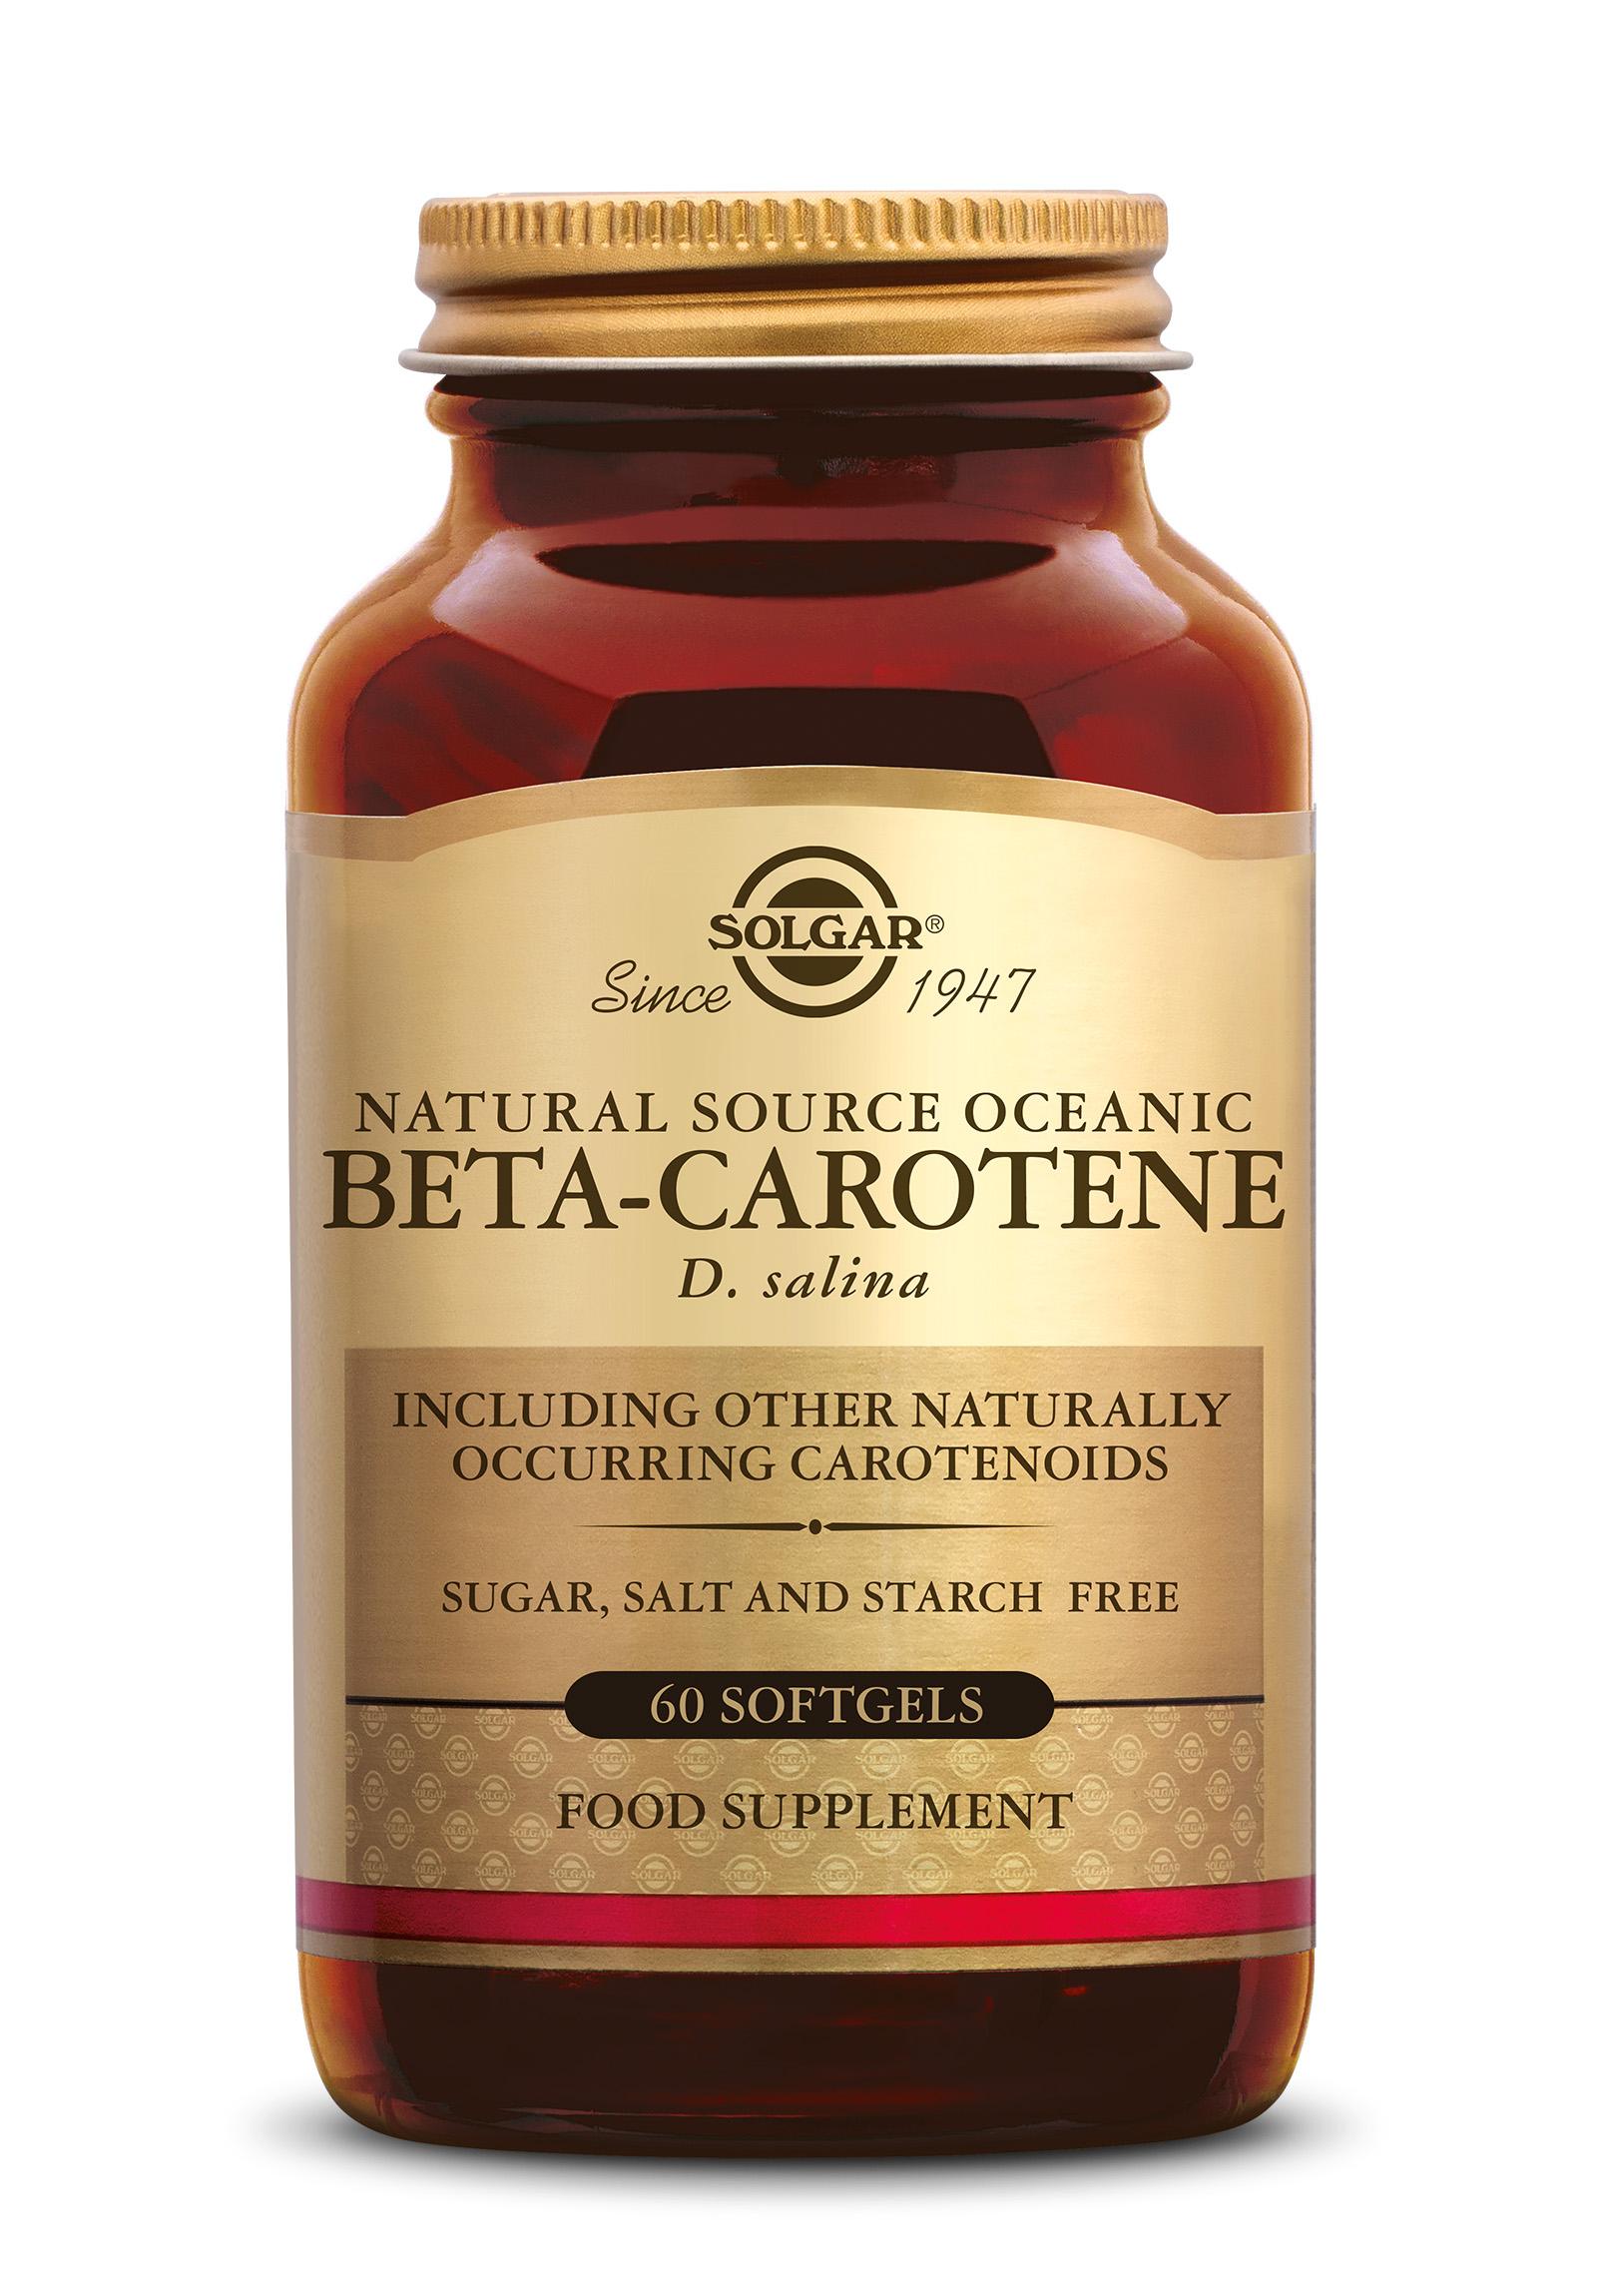 Bèta-Carotene 7 mg, Solgar, Solgar Bèta-Carotene 7 mg wordt gebruikt door mensen die regelmatig zonnen.